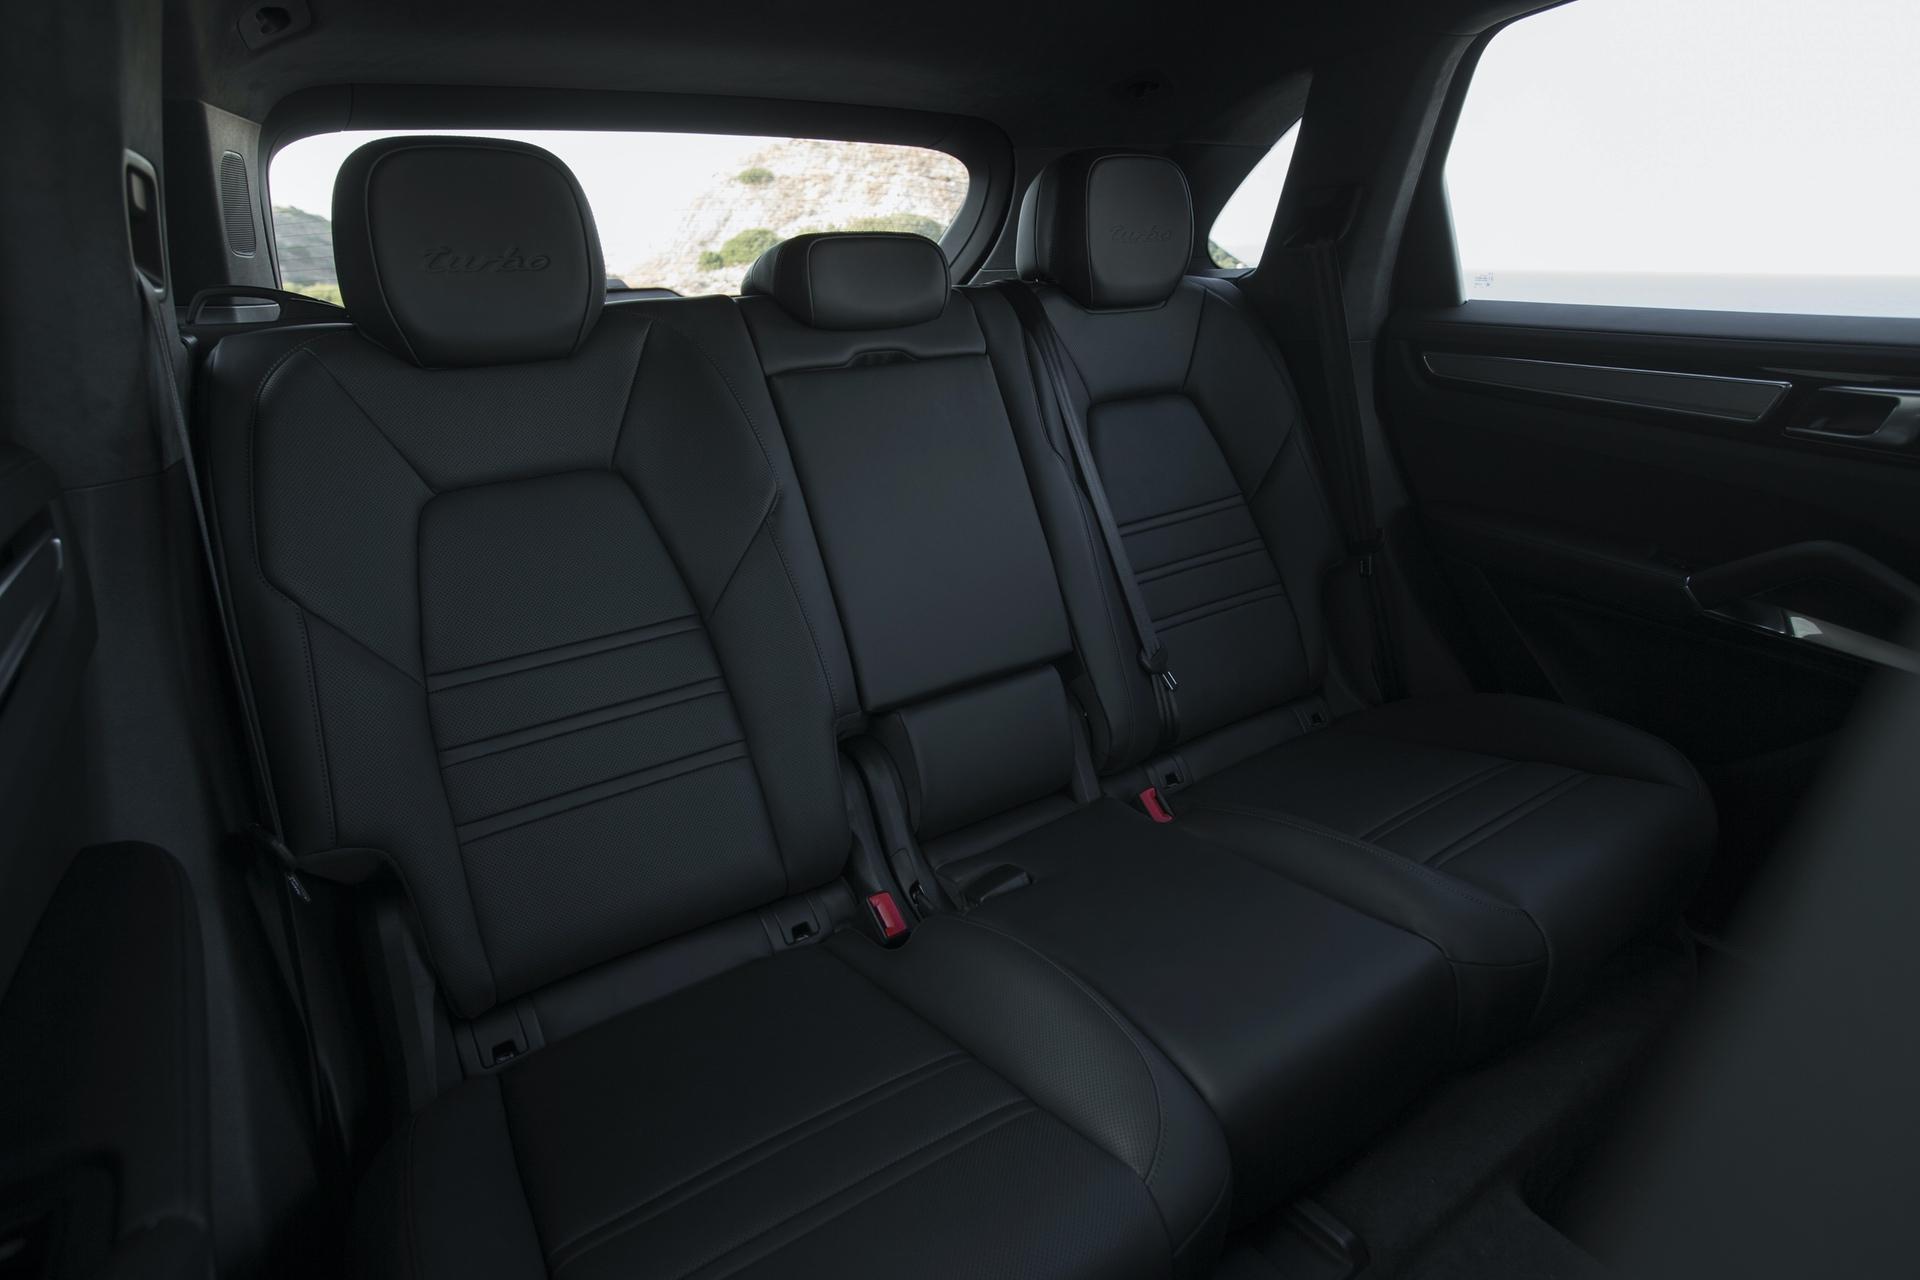 Test_Drive_Porsche_Cayenne_123